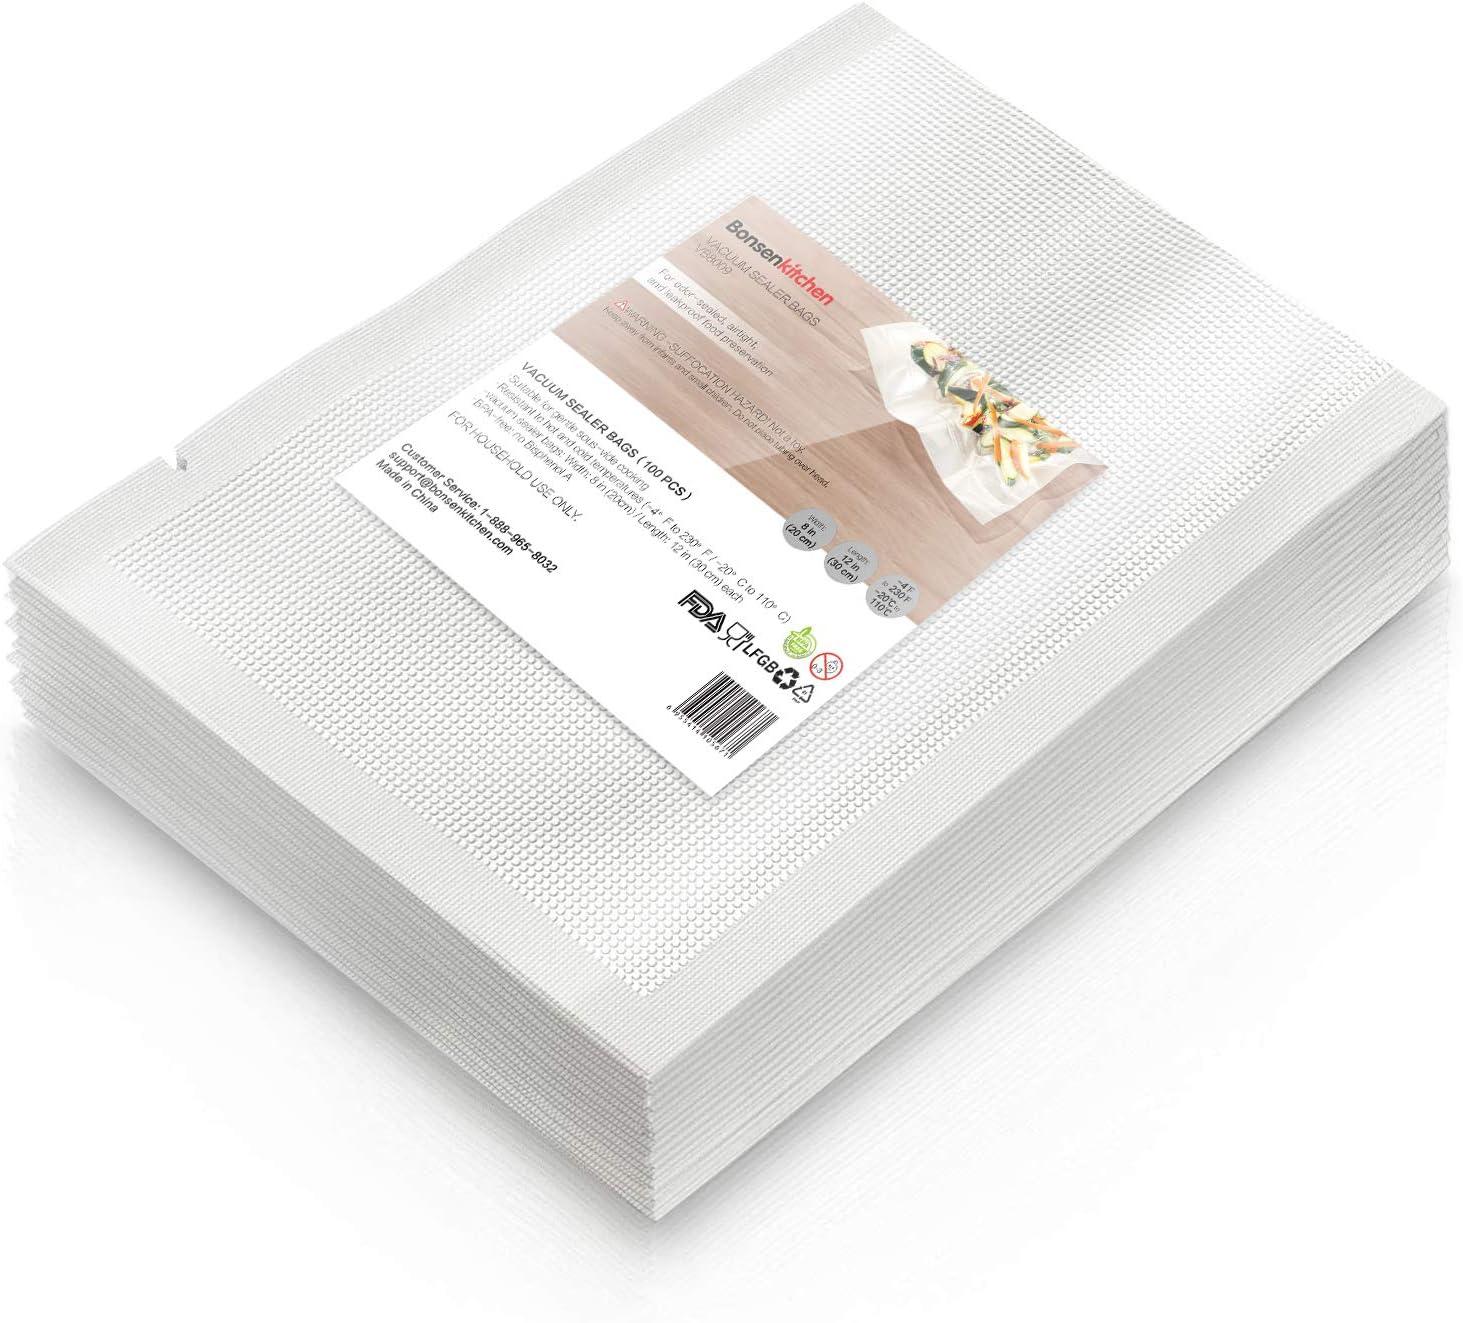 """Heavy Duty Vacuum Sealer Bags For Food, 100 Quart 8"""" x 12"""" Food Saver Bag for FoodSaver, Seal a Meal, Geryon Vacuum Machine, Commercial Grade, BPA Free Vacuum Seal Bag Perfect for Sous Vide"""